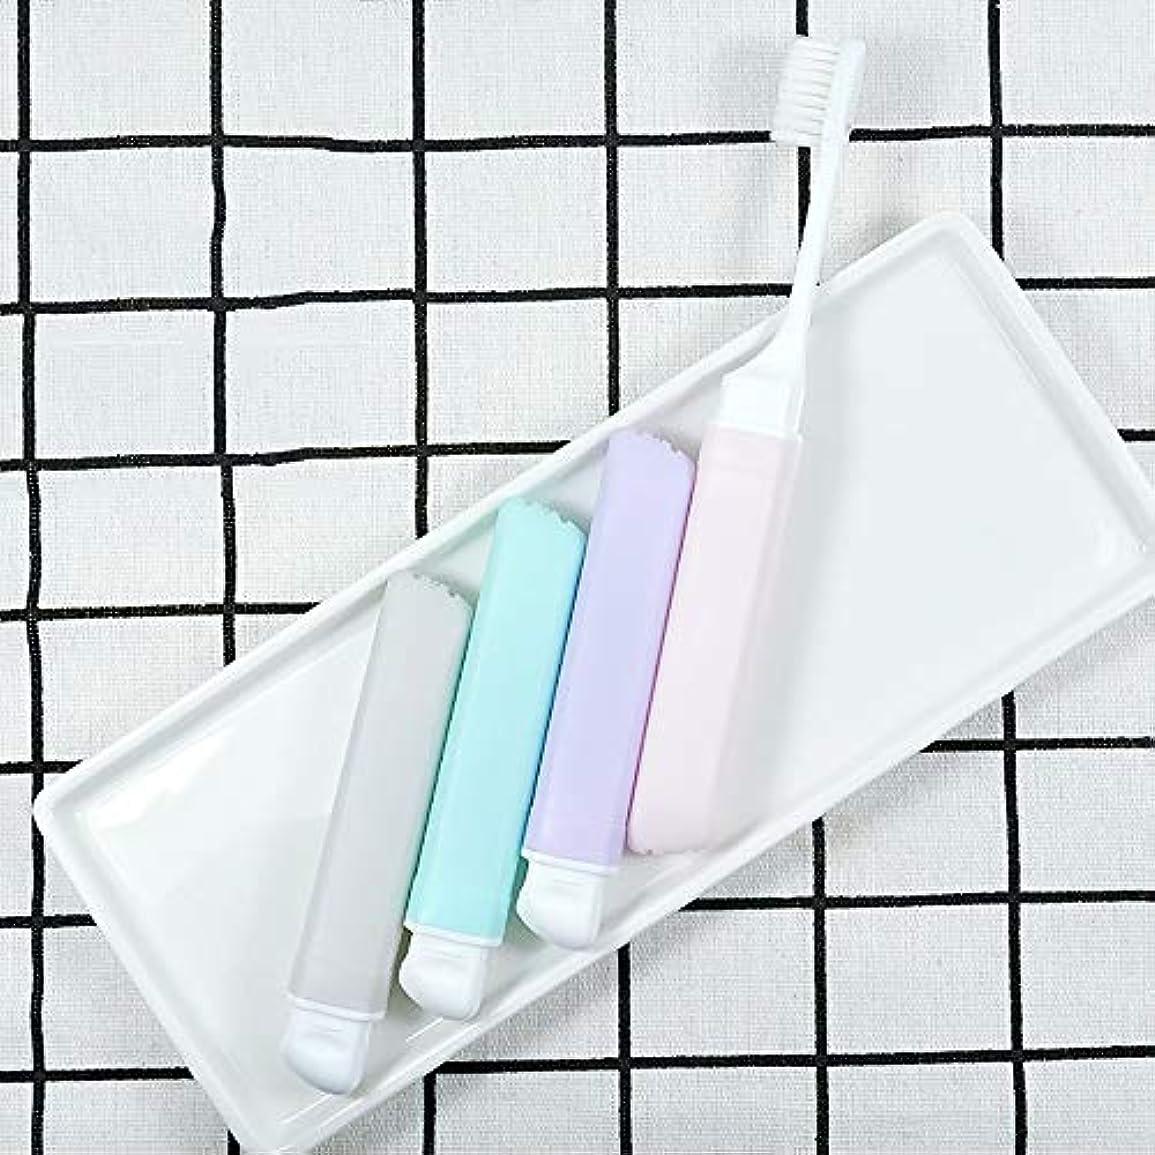 要件既婚肩をすくめる歯ブラシ 10柔らかい歯ブラシ、携帯用歯ブラシ、折り畳み式の大人歯ブラシ - 10パック HL (サイズ : 10 packs)